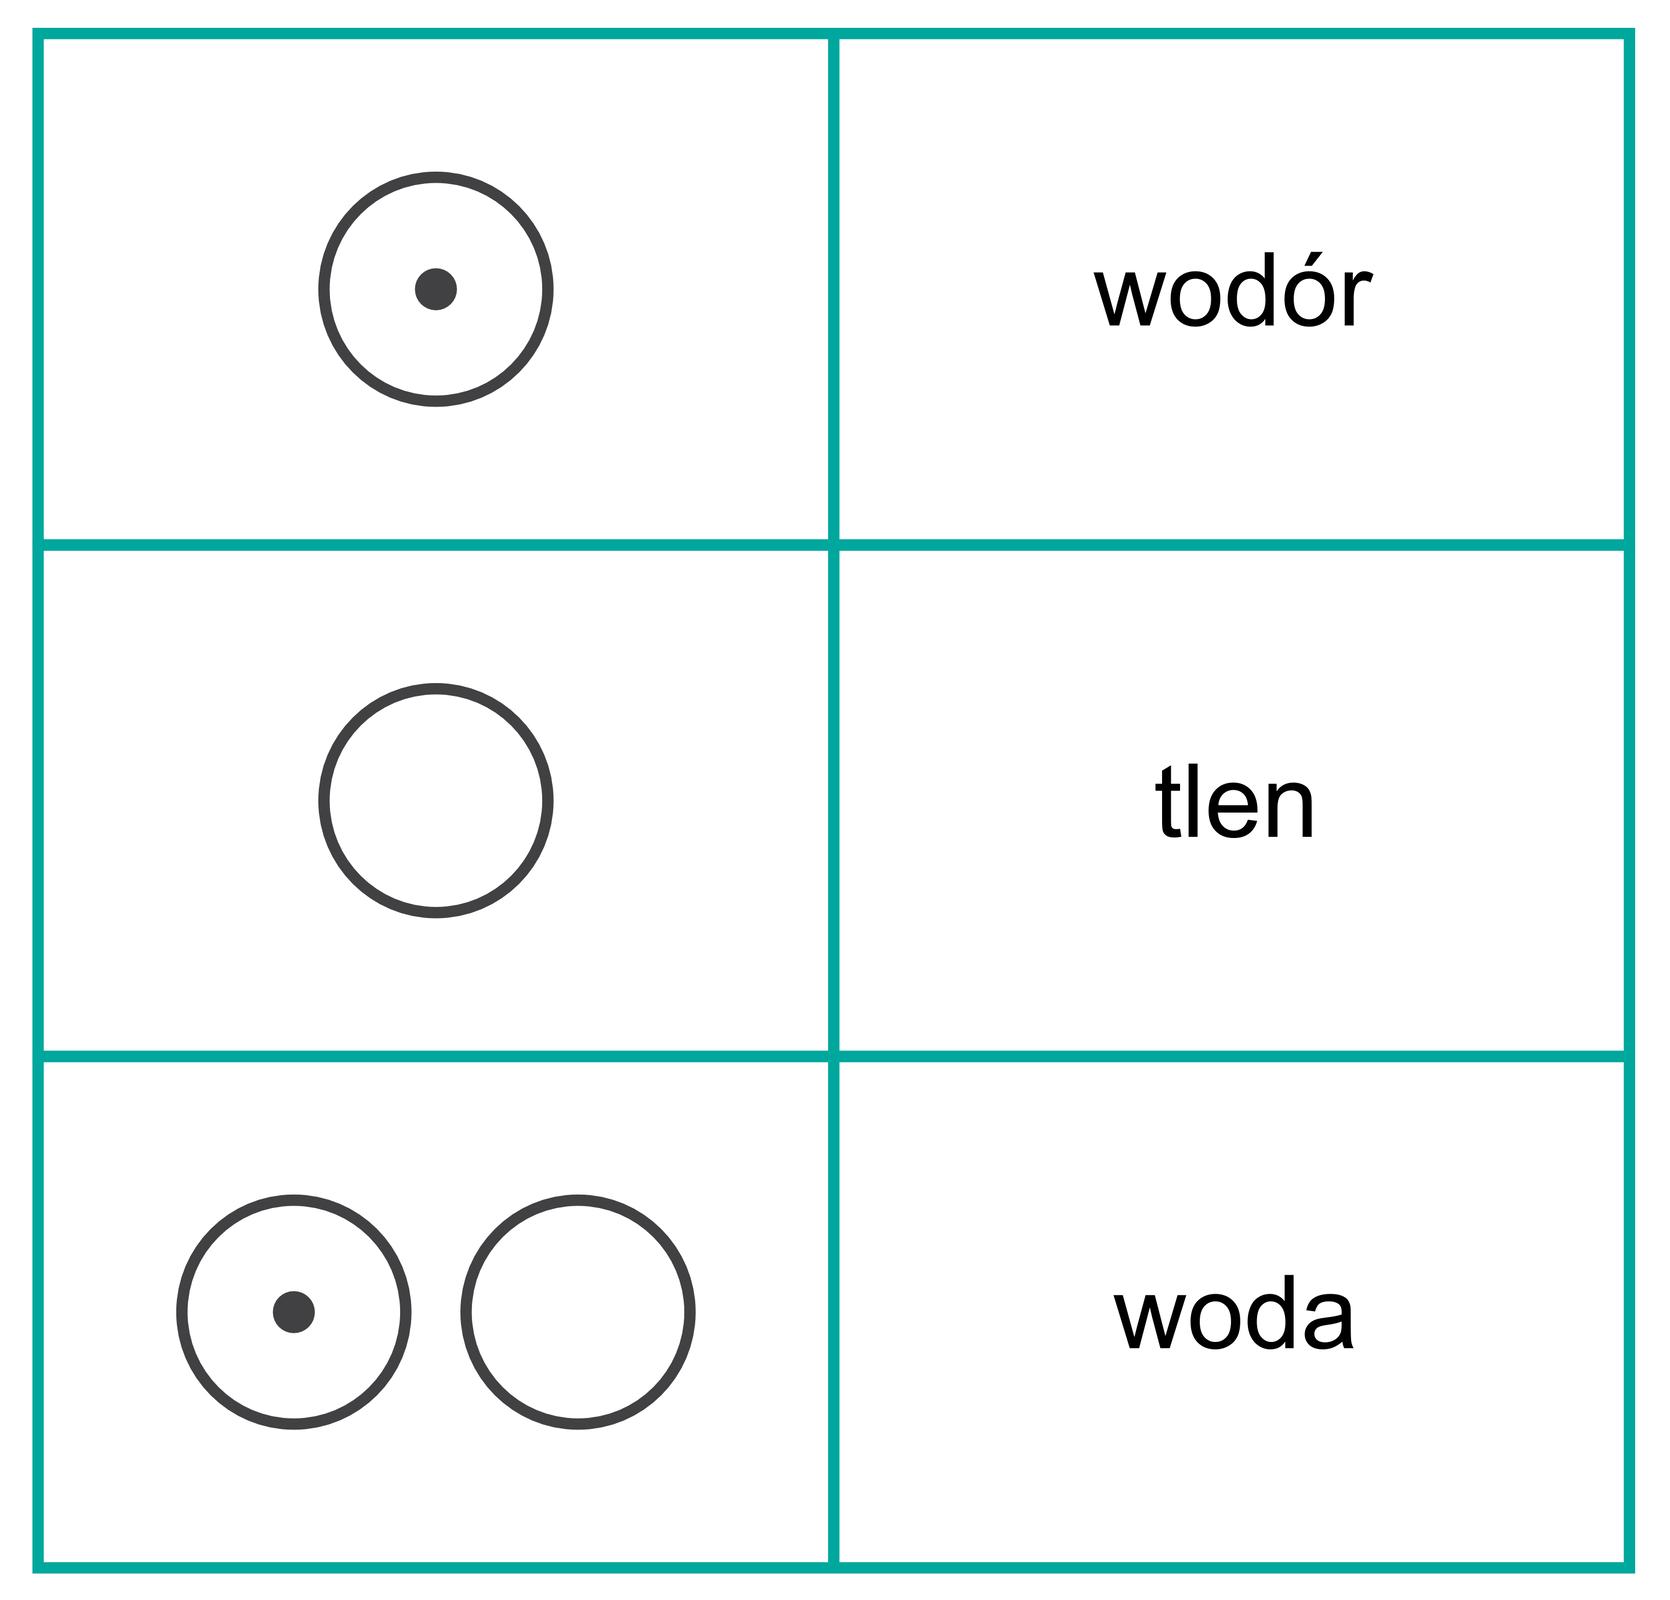 Rysunki symboli wodoru, tlenu iwody zaproponowane przez Johna Daltona. Wodór to okrąg zkropką wśrodku, tlen to okrąg pusty, awoda to dwa okręgi obok siebie, zktórych lewy ma wśrodku kropkę, aprawy jest pusty.